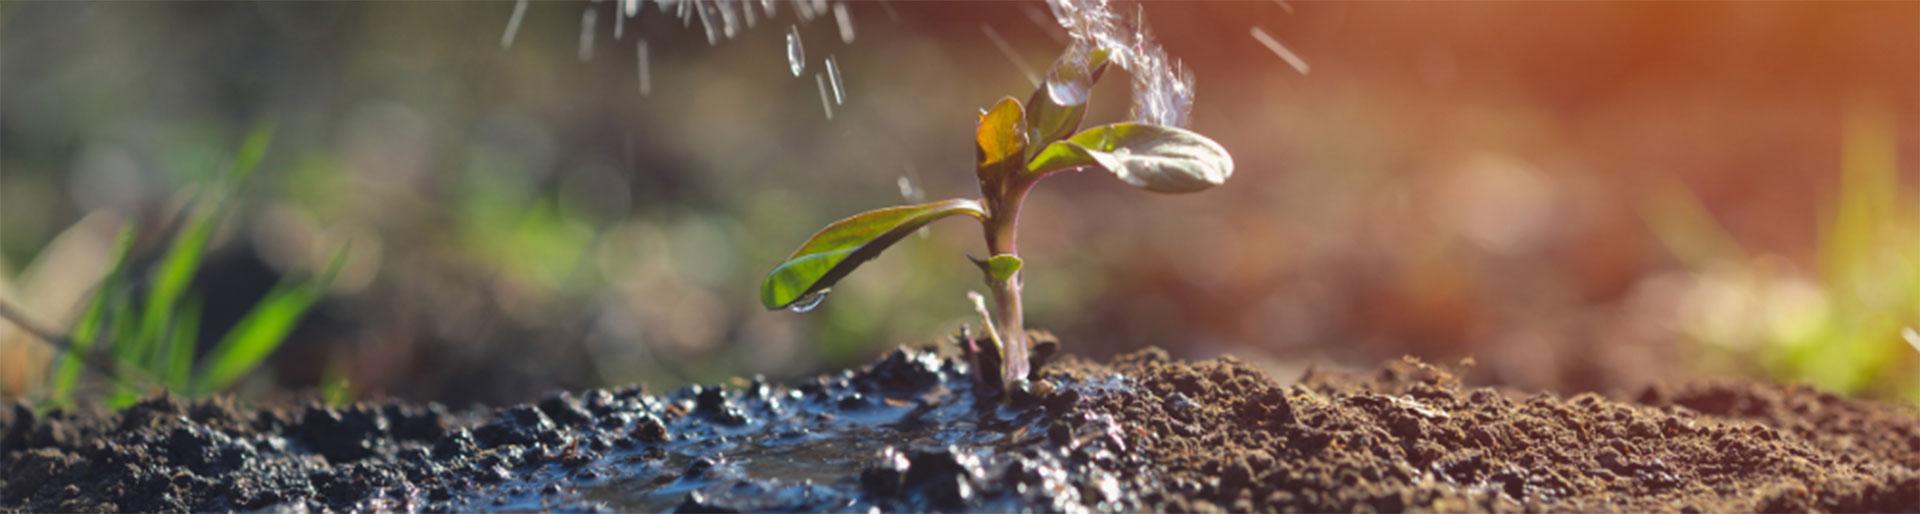 BPA TAP - Petite plante arrosée